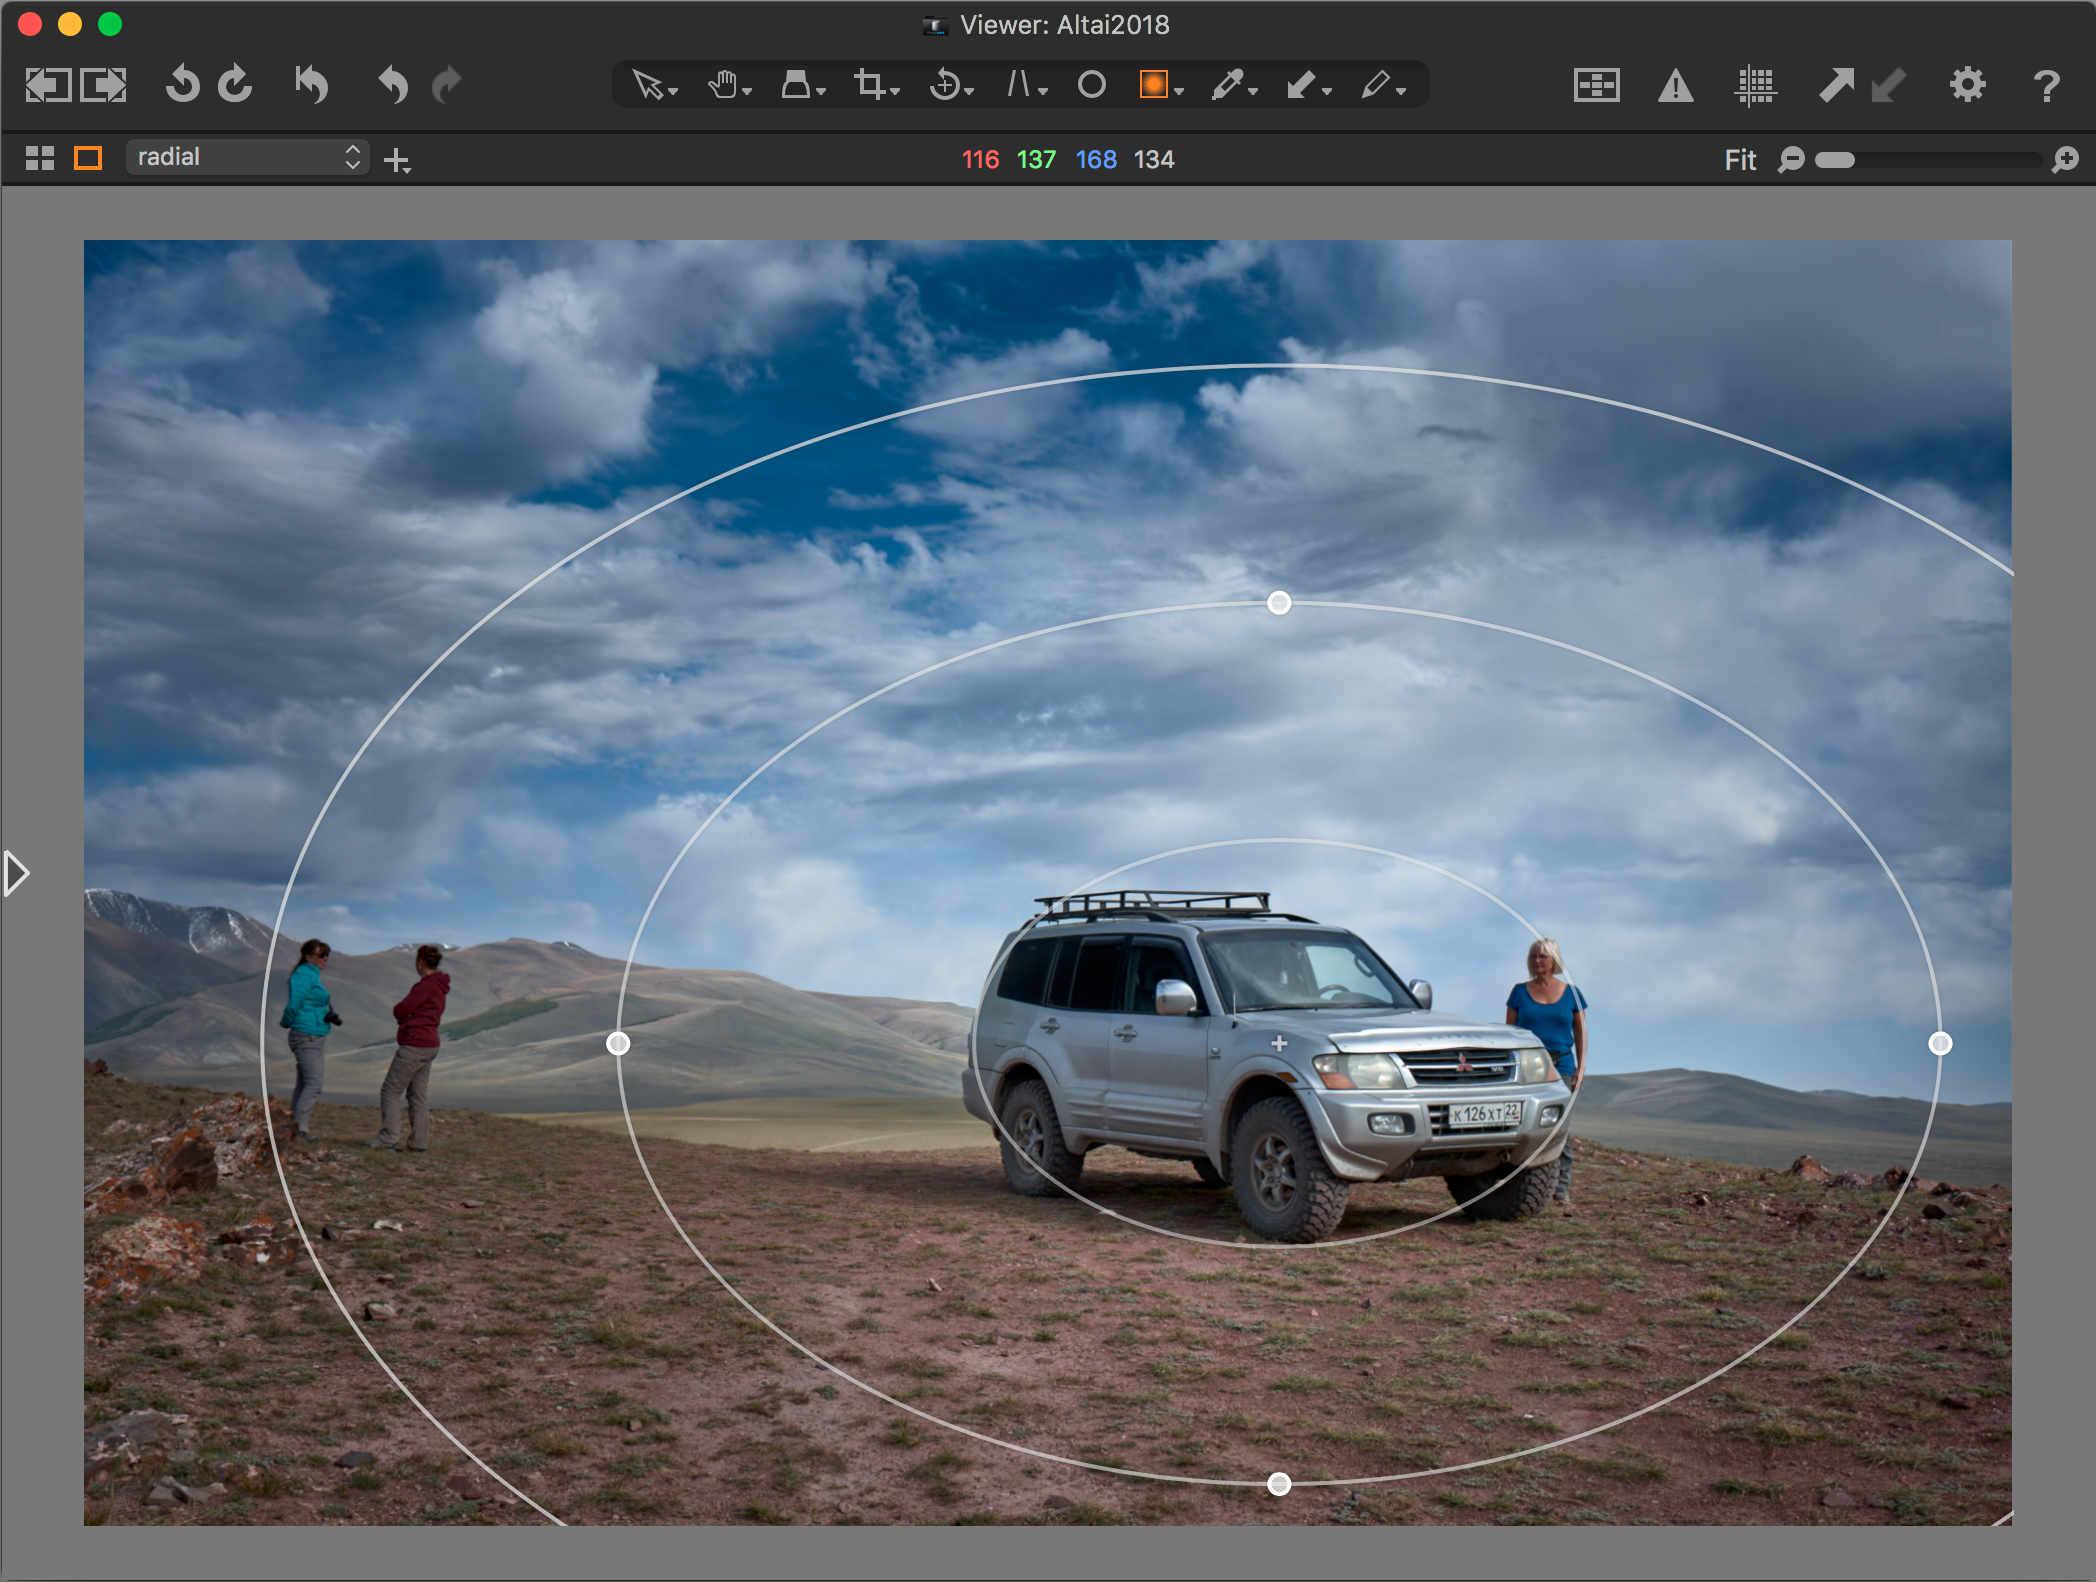 23f06edfc3761 Capture One Pro 12 Review • Image Alchemist